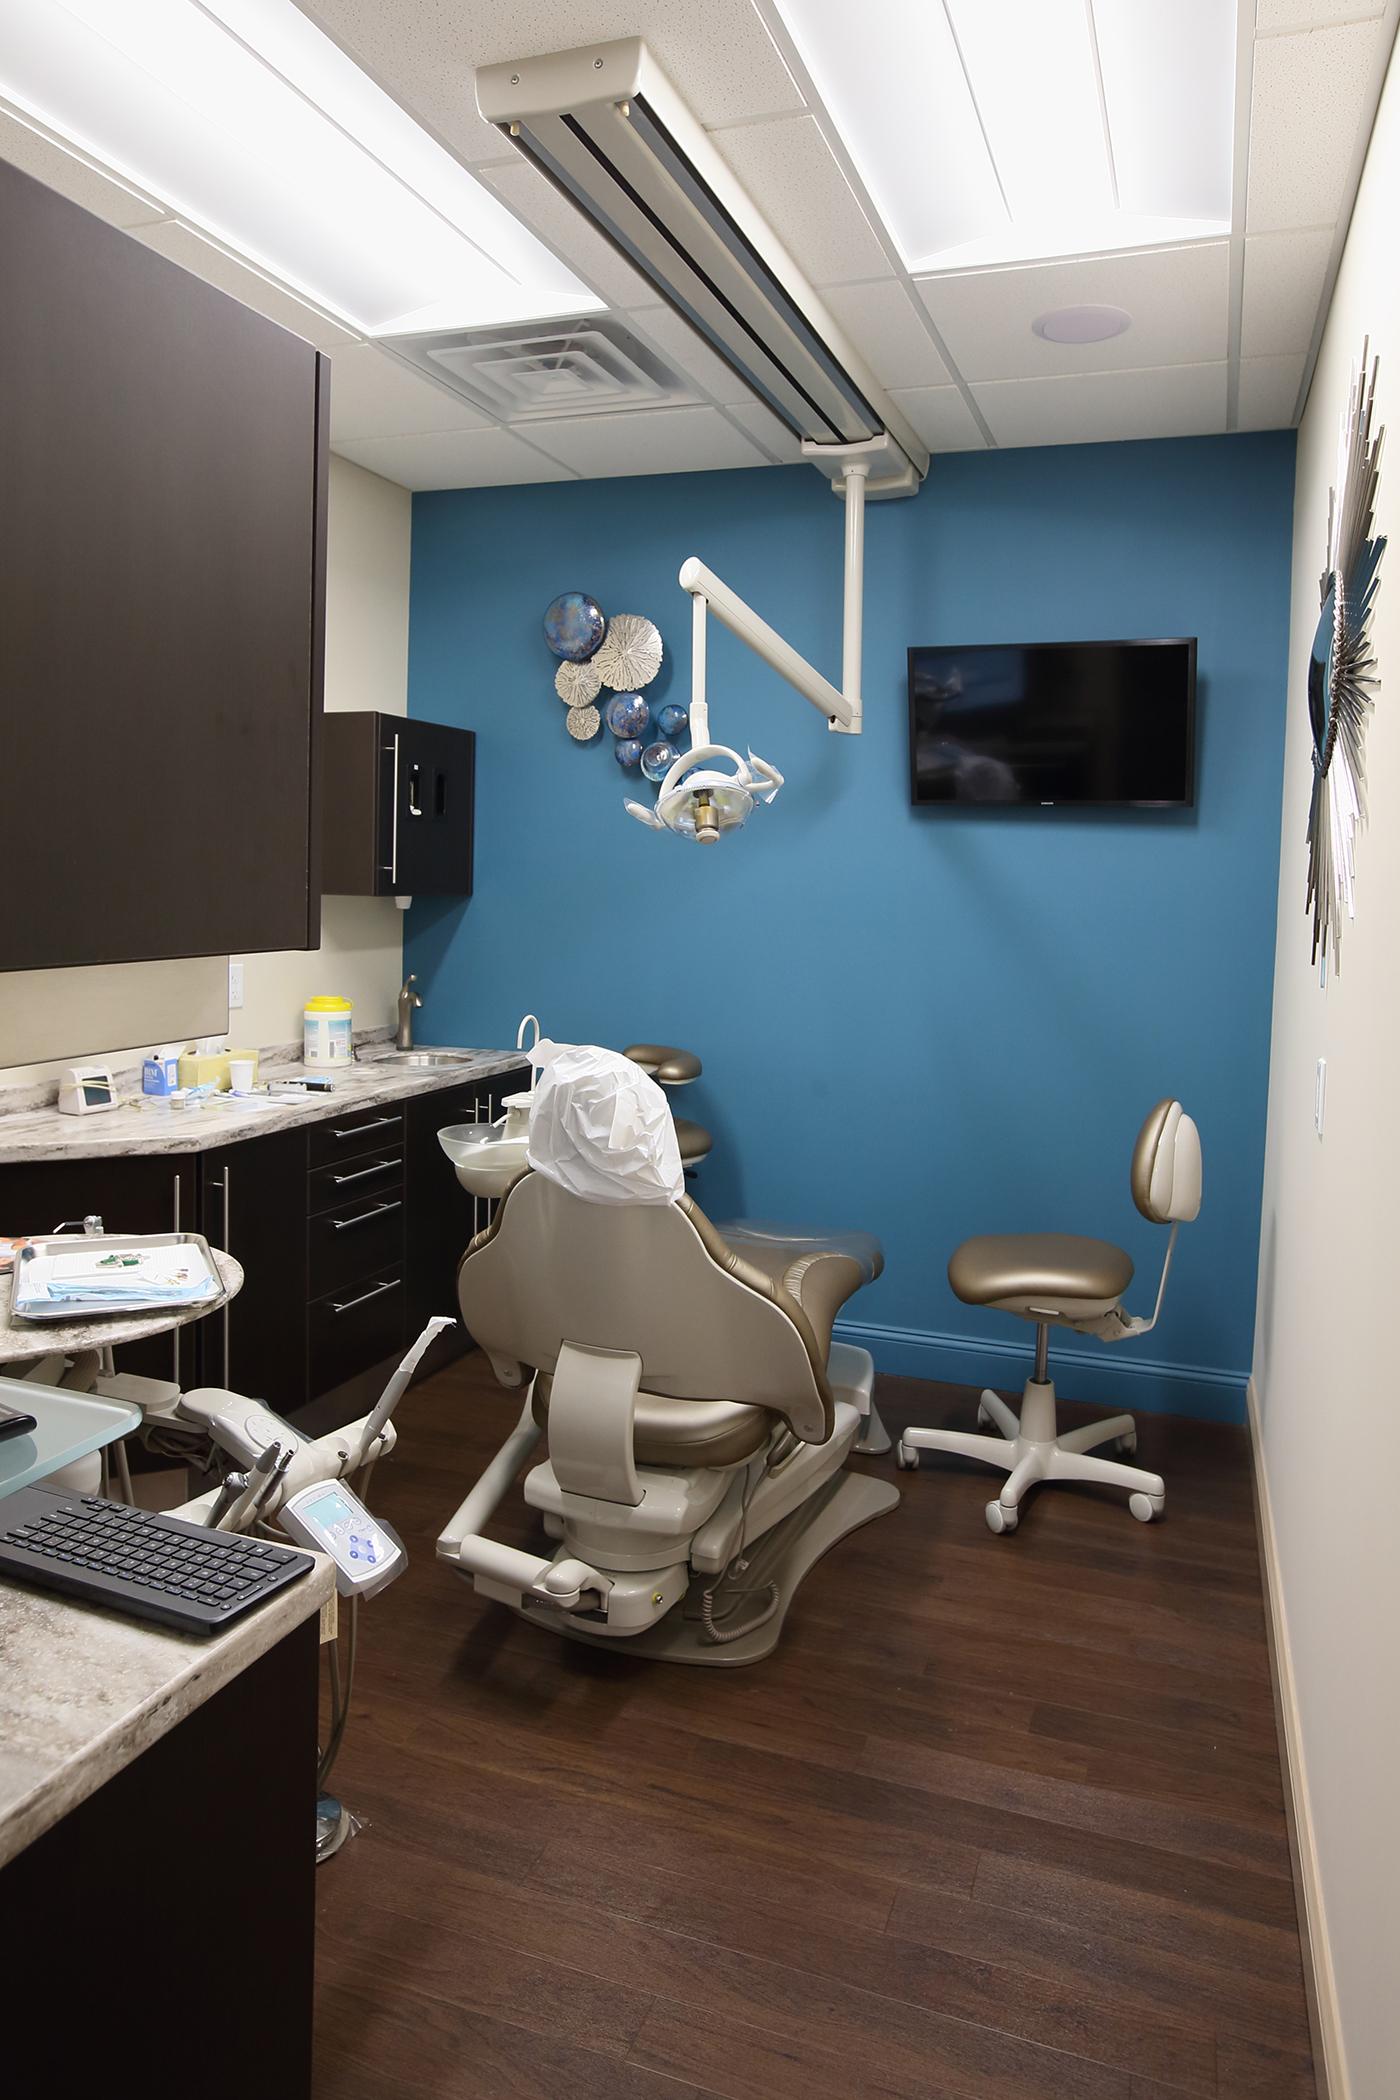 Ameri Dental Group - Woodcliff Lake Location |   Photography Courtesy of 201 Magazine